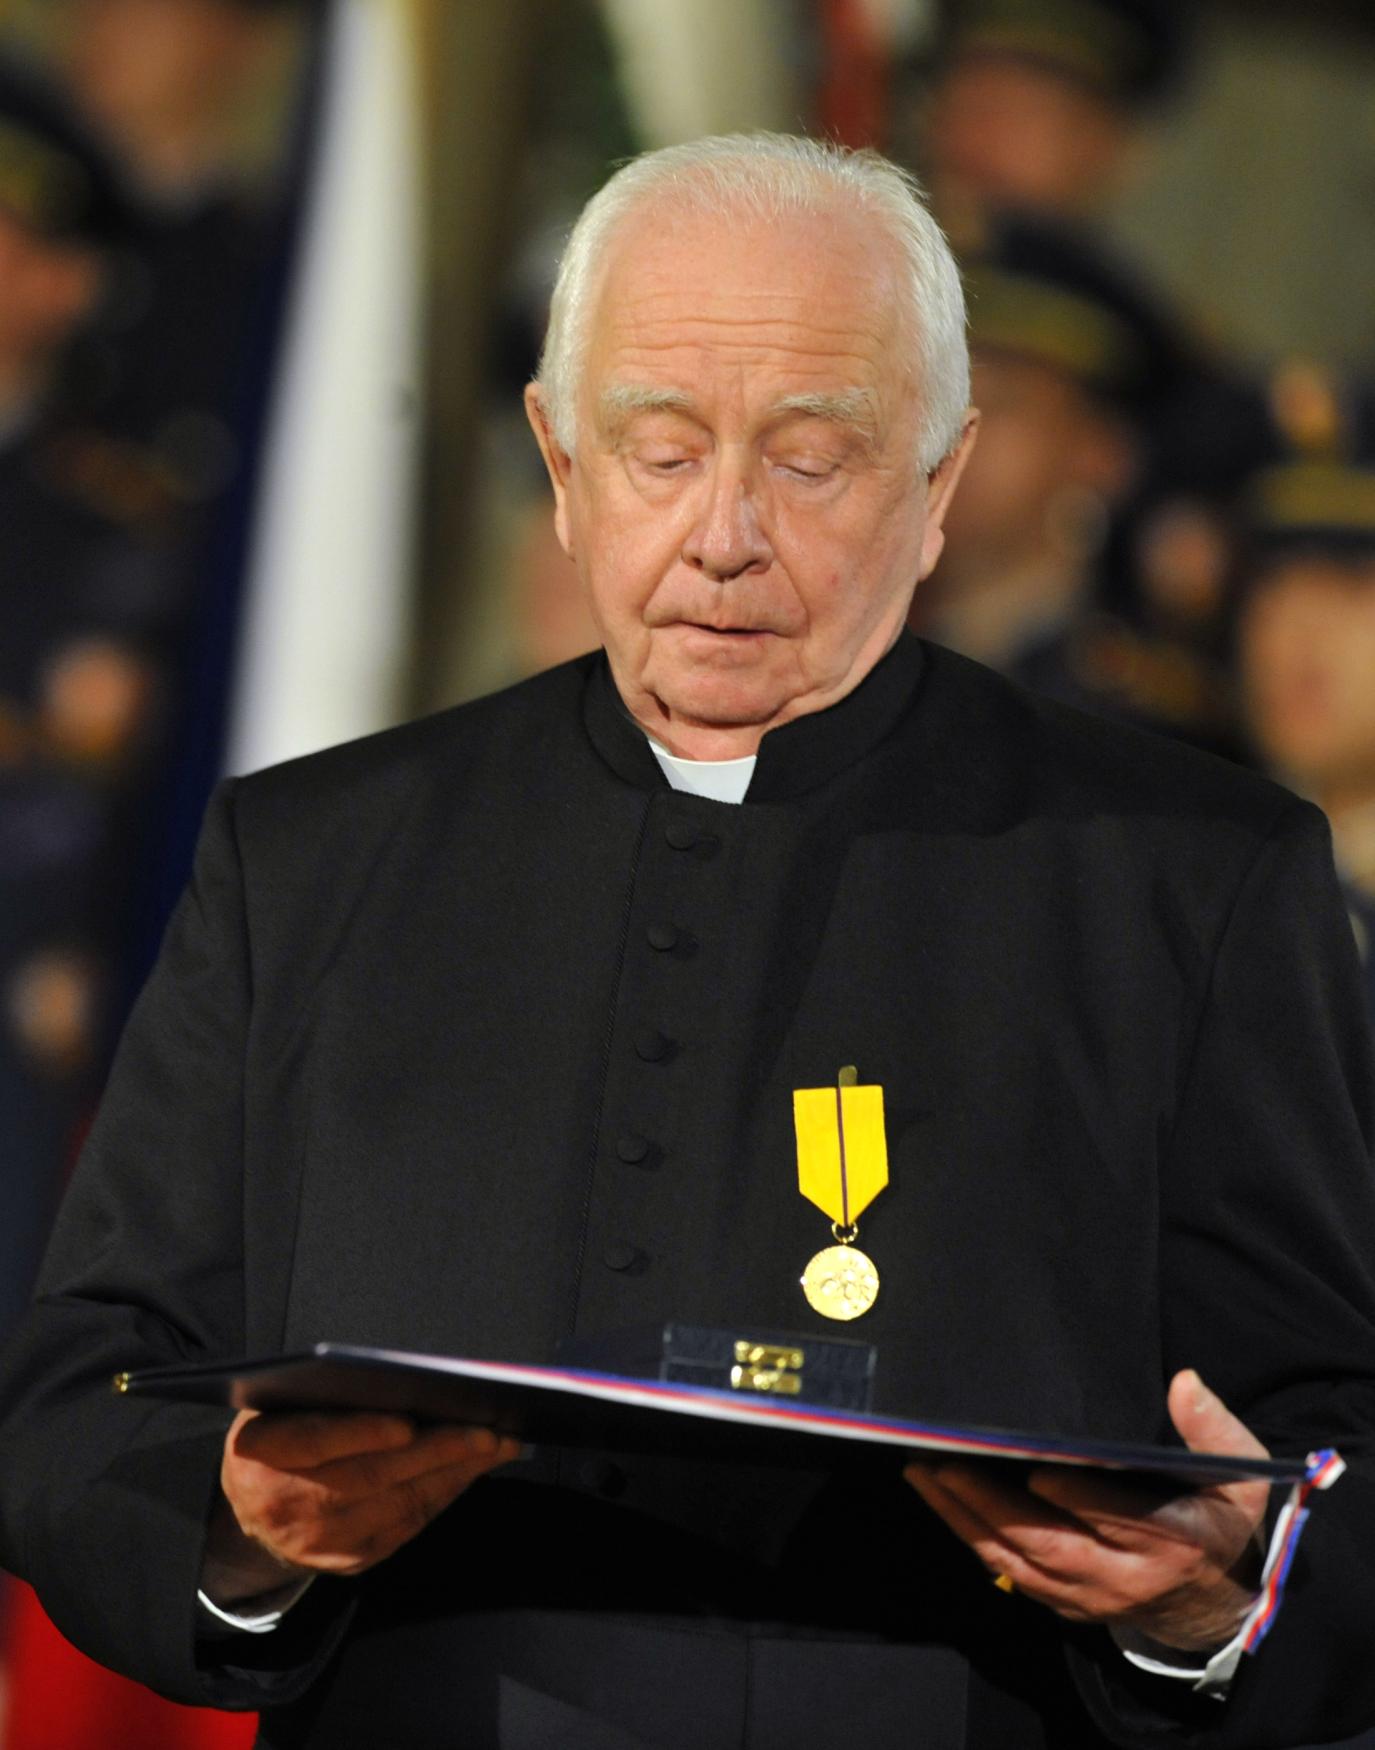 Kněz Petr Piťha získal v roce 2011 z rukou Václava Klause medaili Za zásluhy.